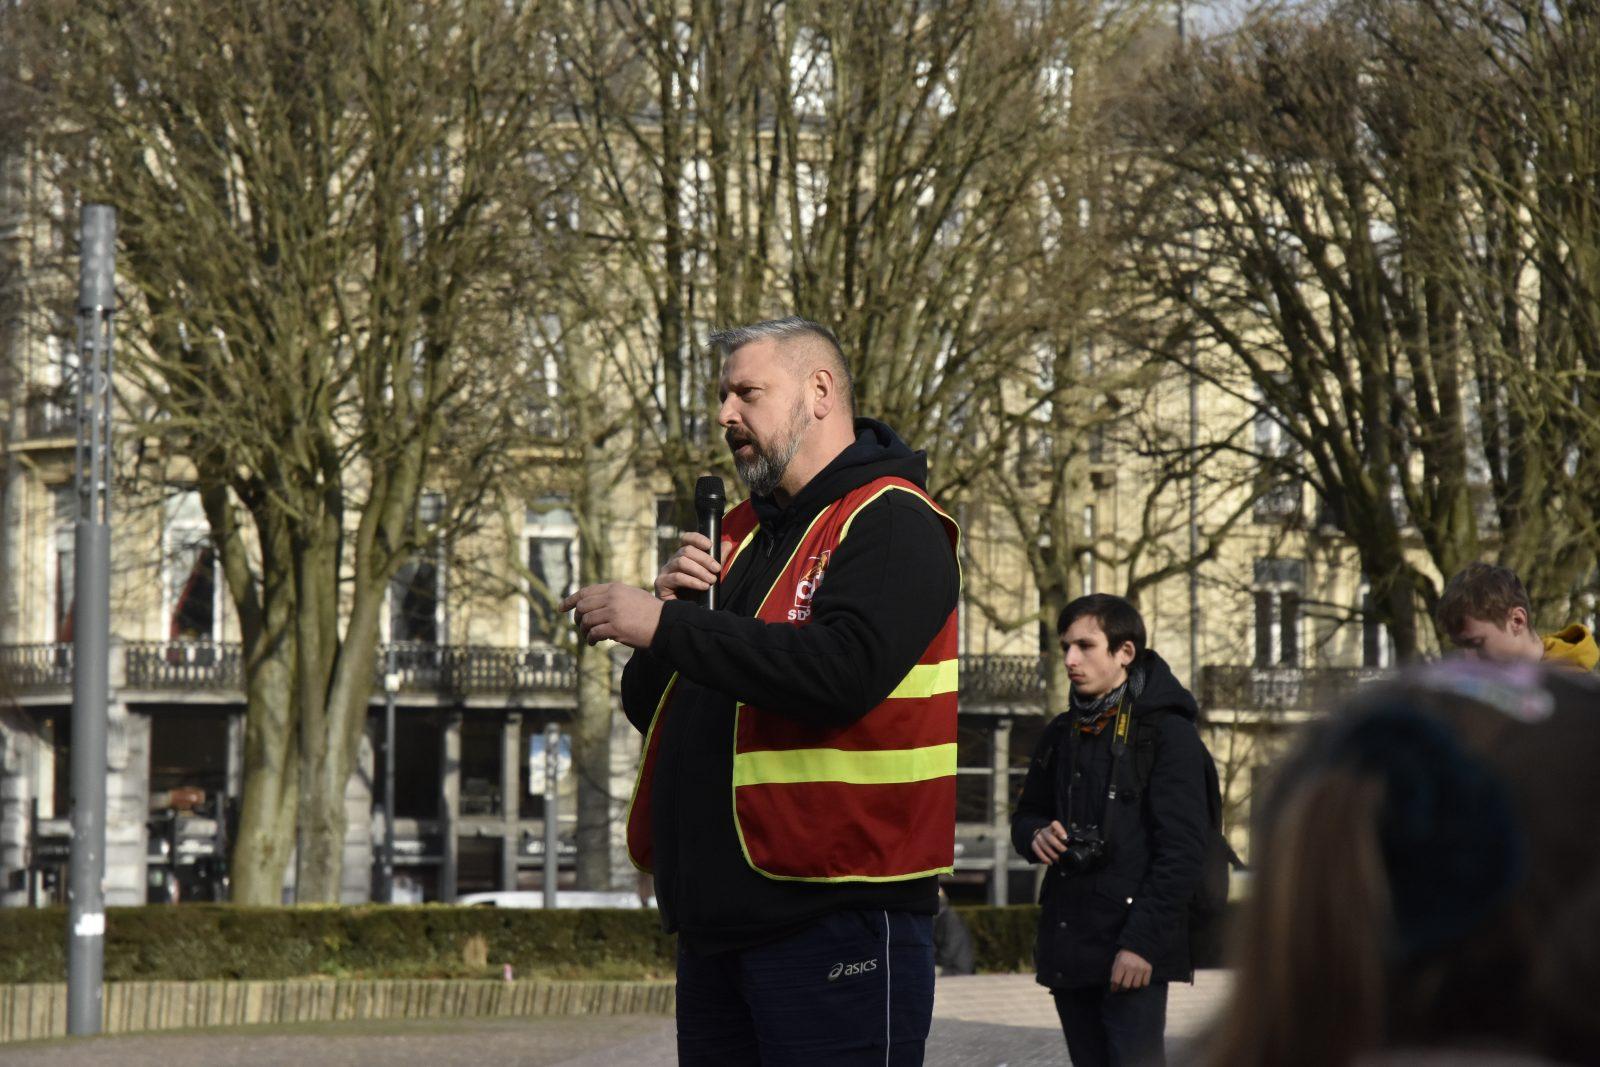 Frédéric Demartelaere, pompier et syndicaliste, le 05/02 à République. Crédit Photo : Martin Hortin